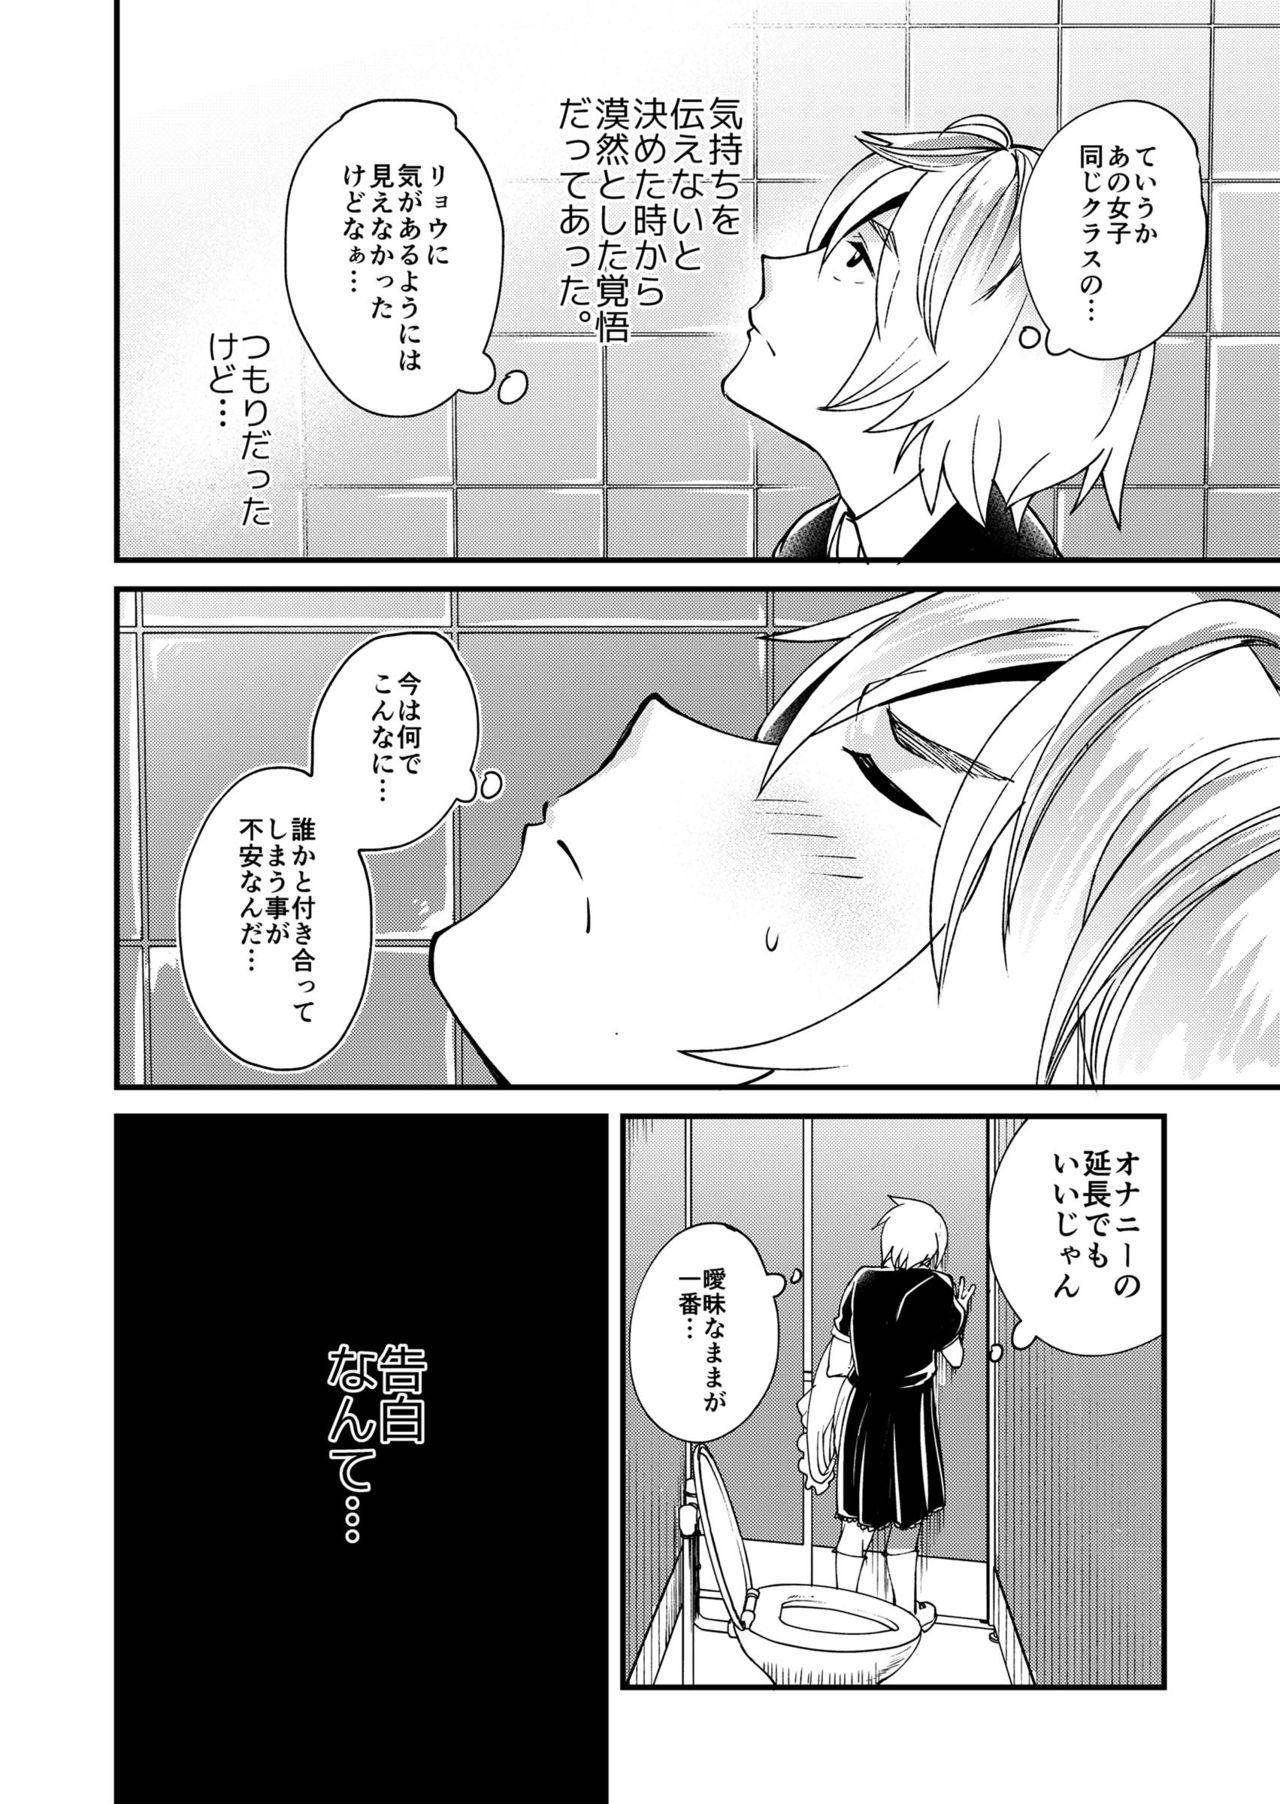 Emaru-kun ga Ienai Koto 27